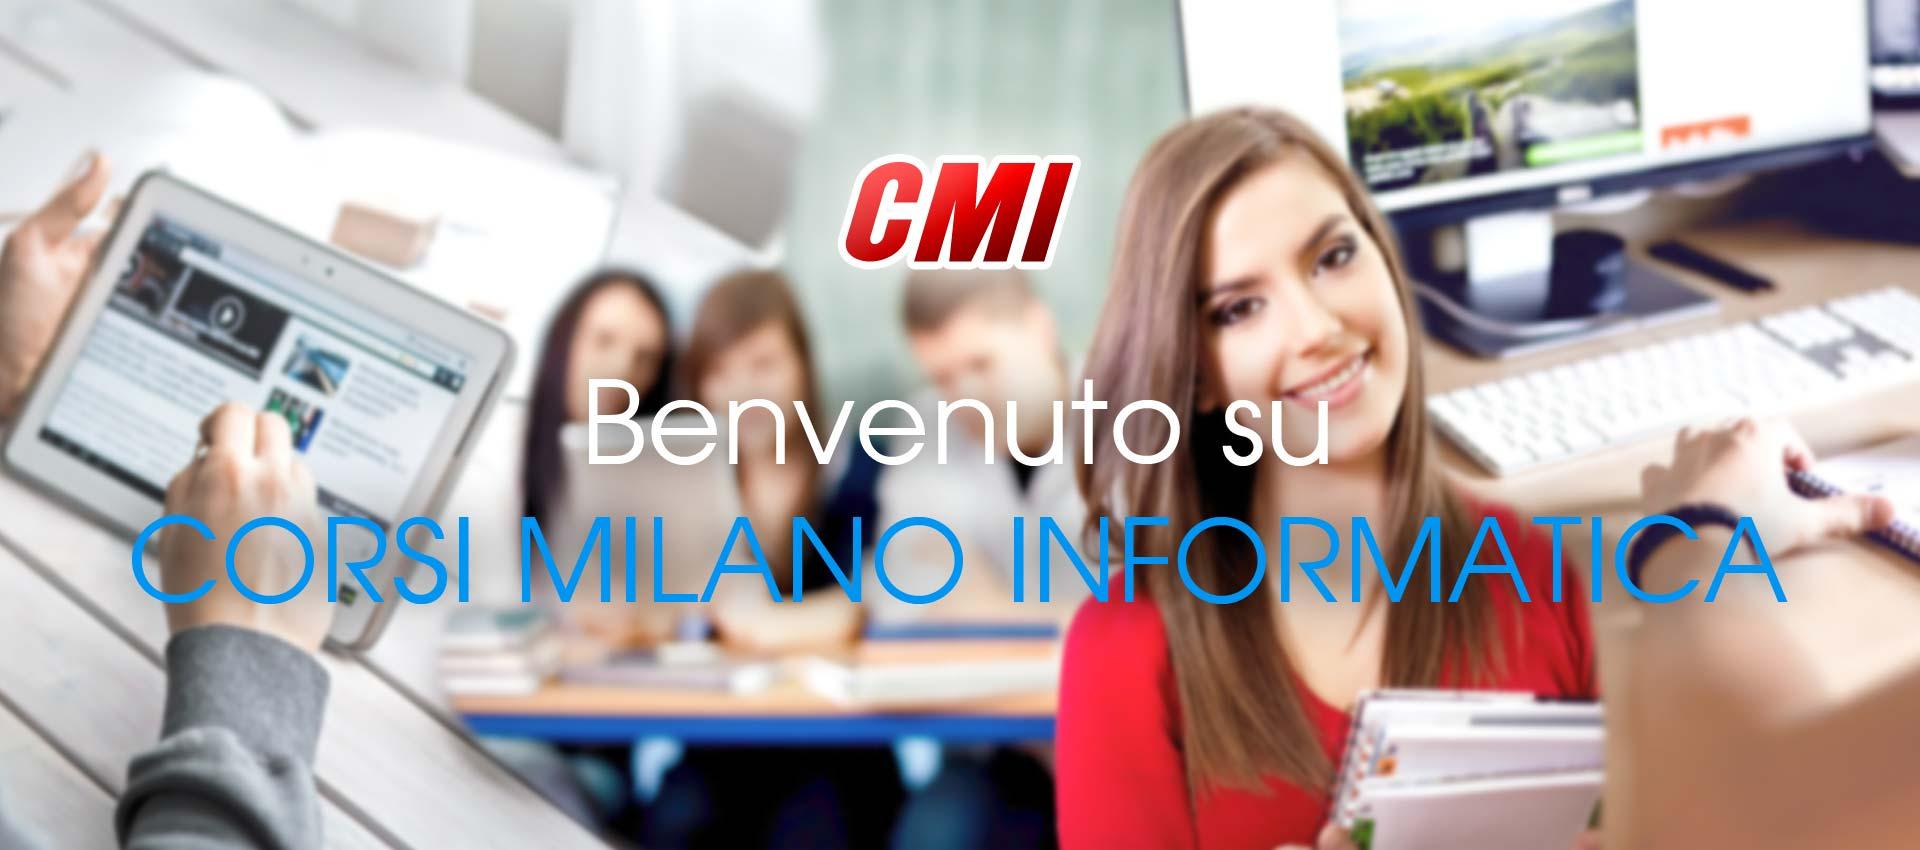 Corsi Milano Informatica a Milano